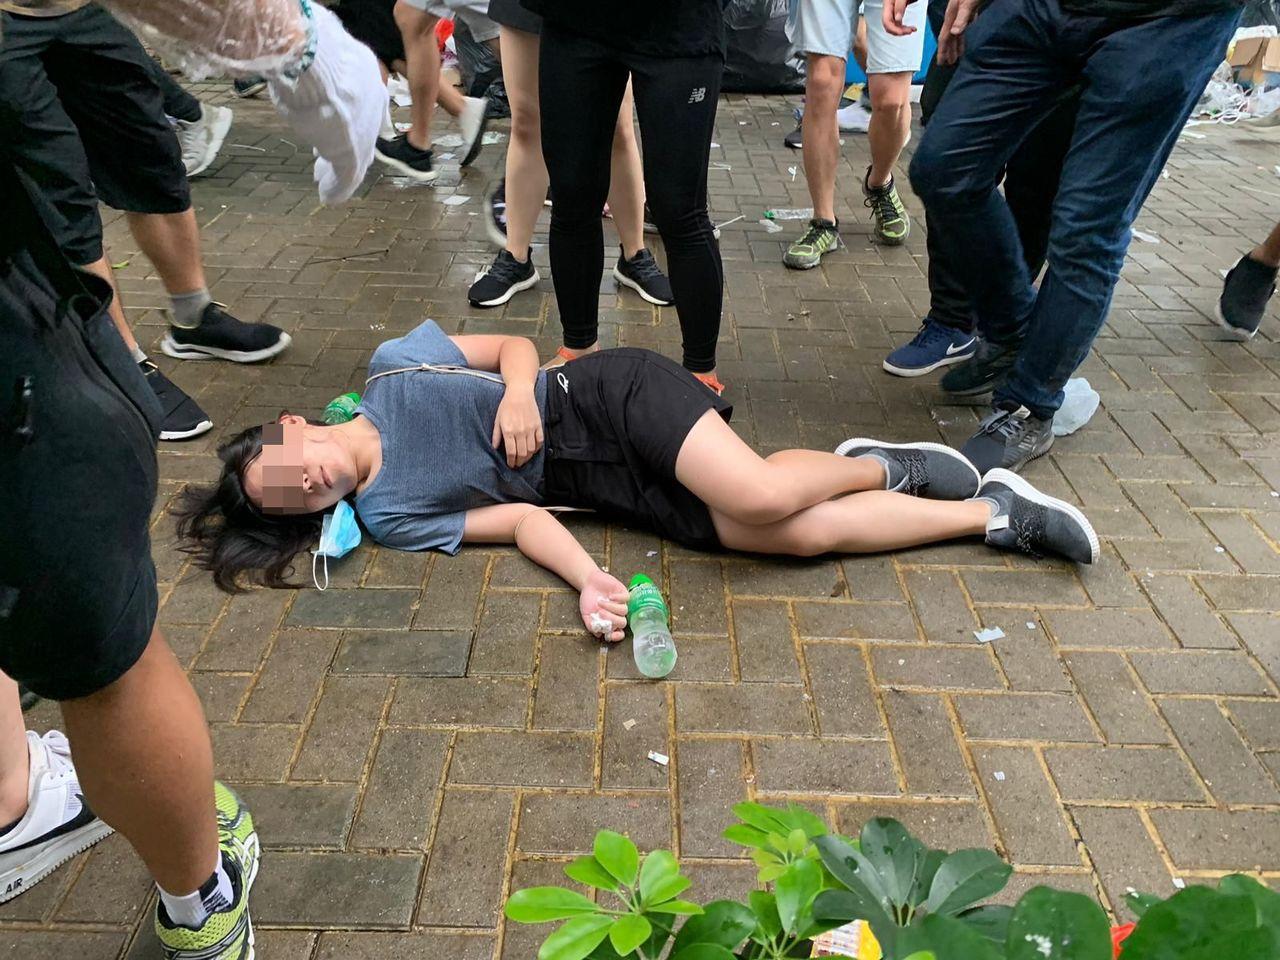 示威者不適倒地。星島日報網